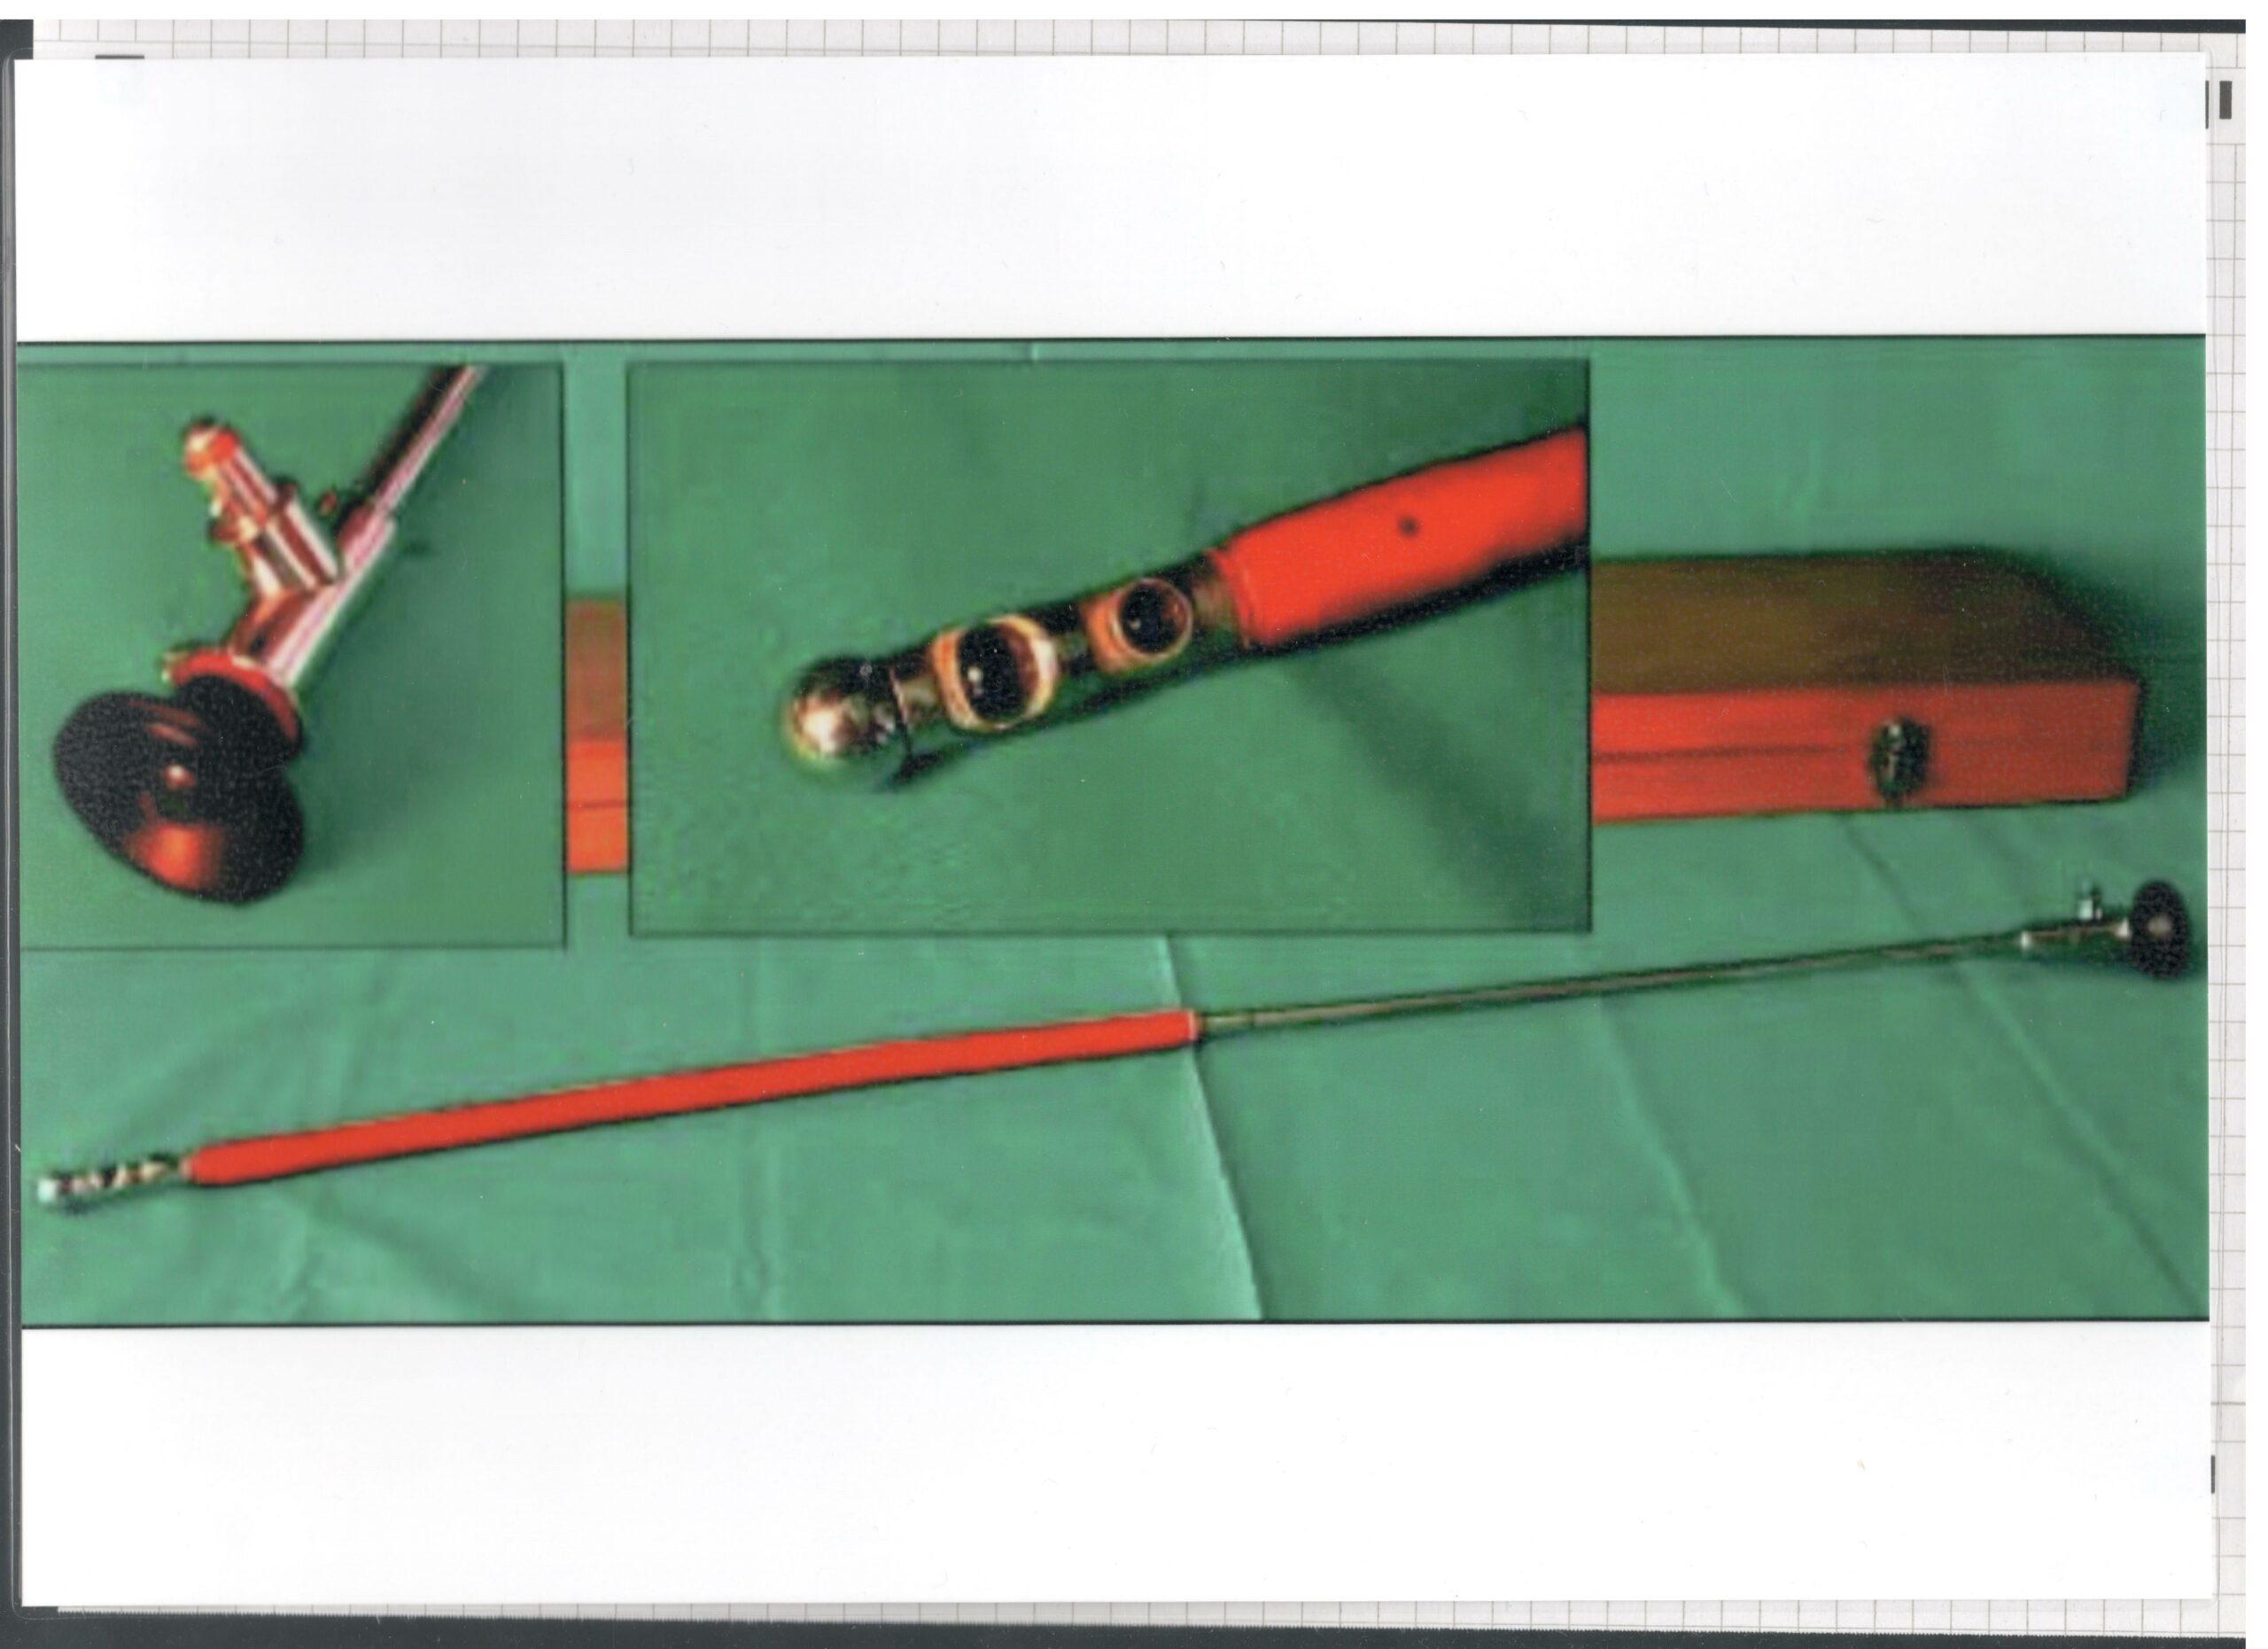 Zusammen mit Georg Wolf entwickeltes semiflexibles Gastroskop